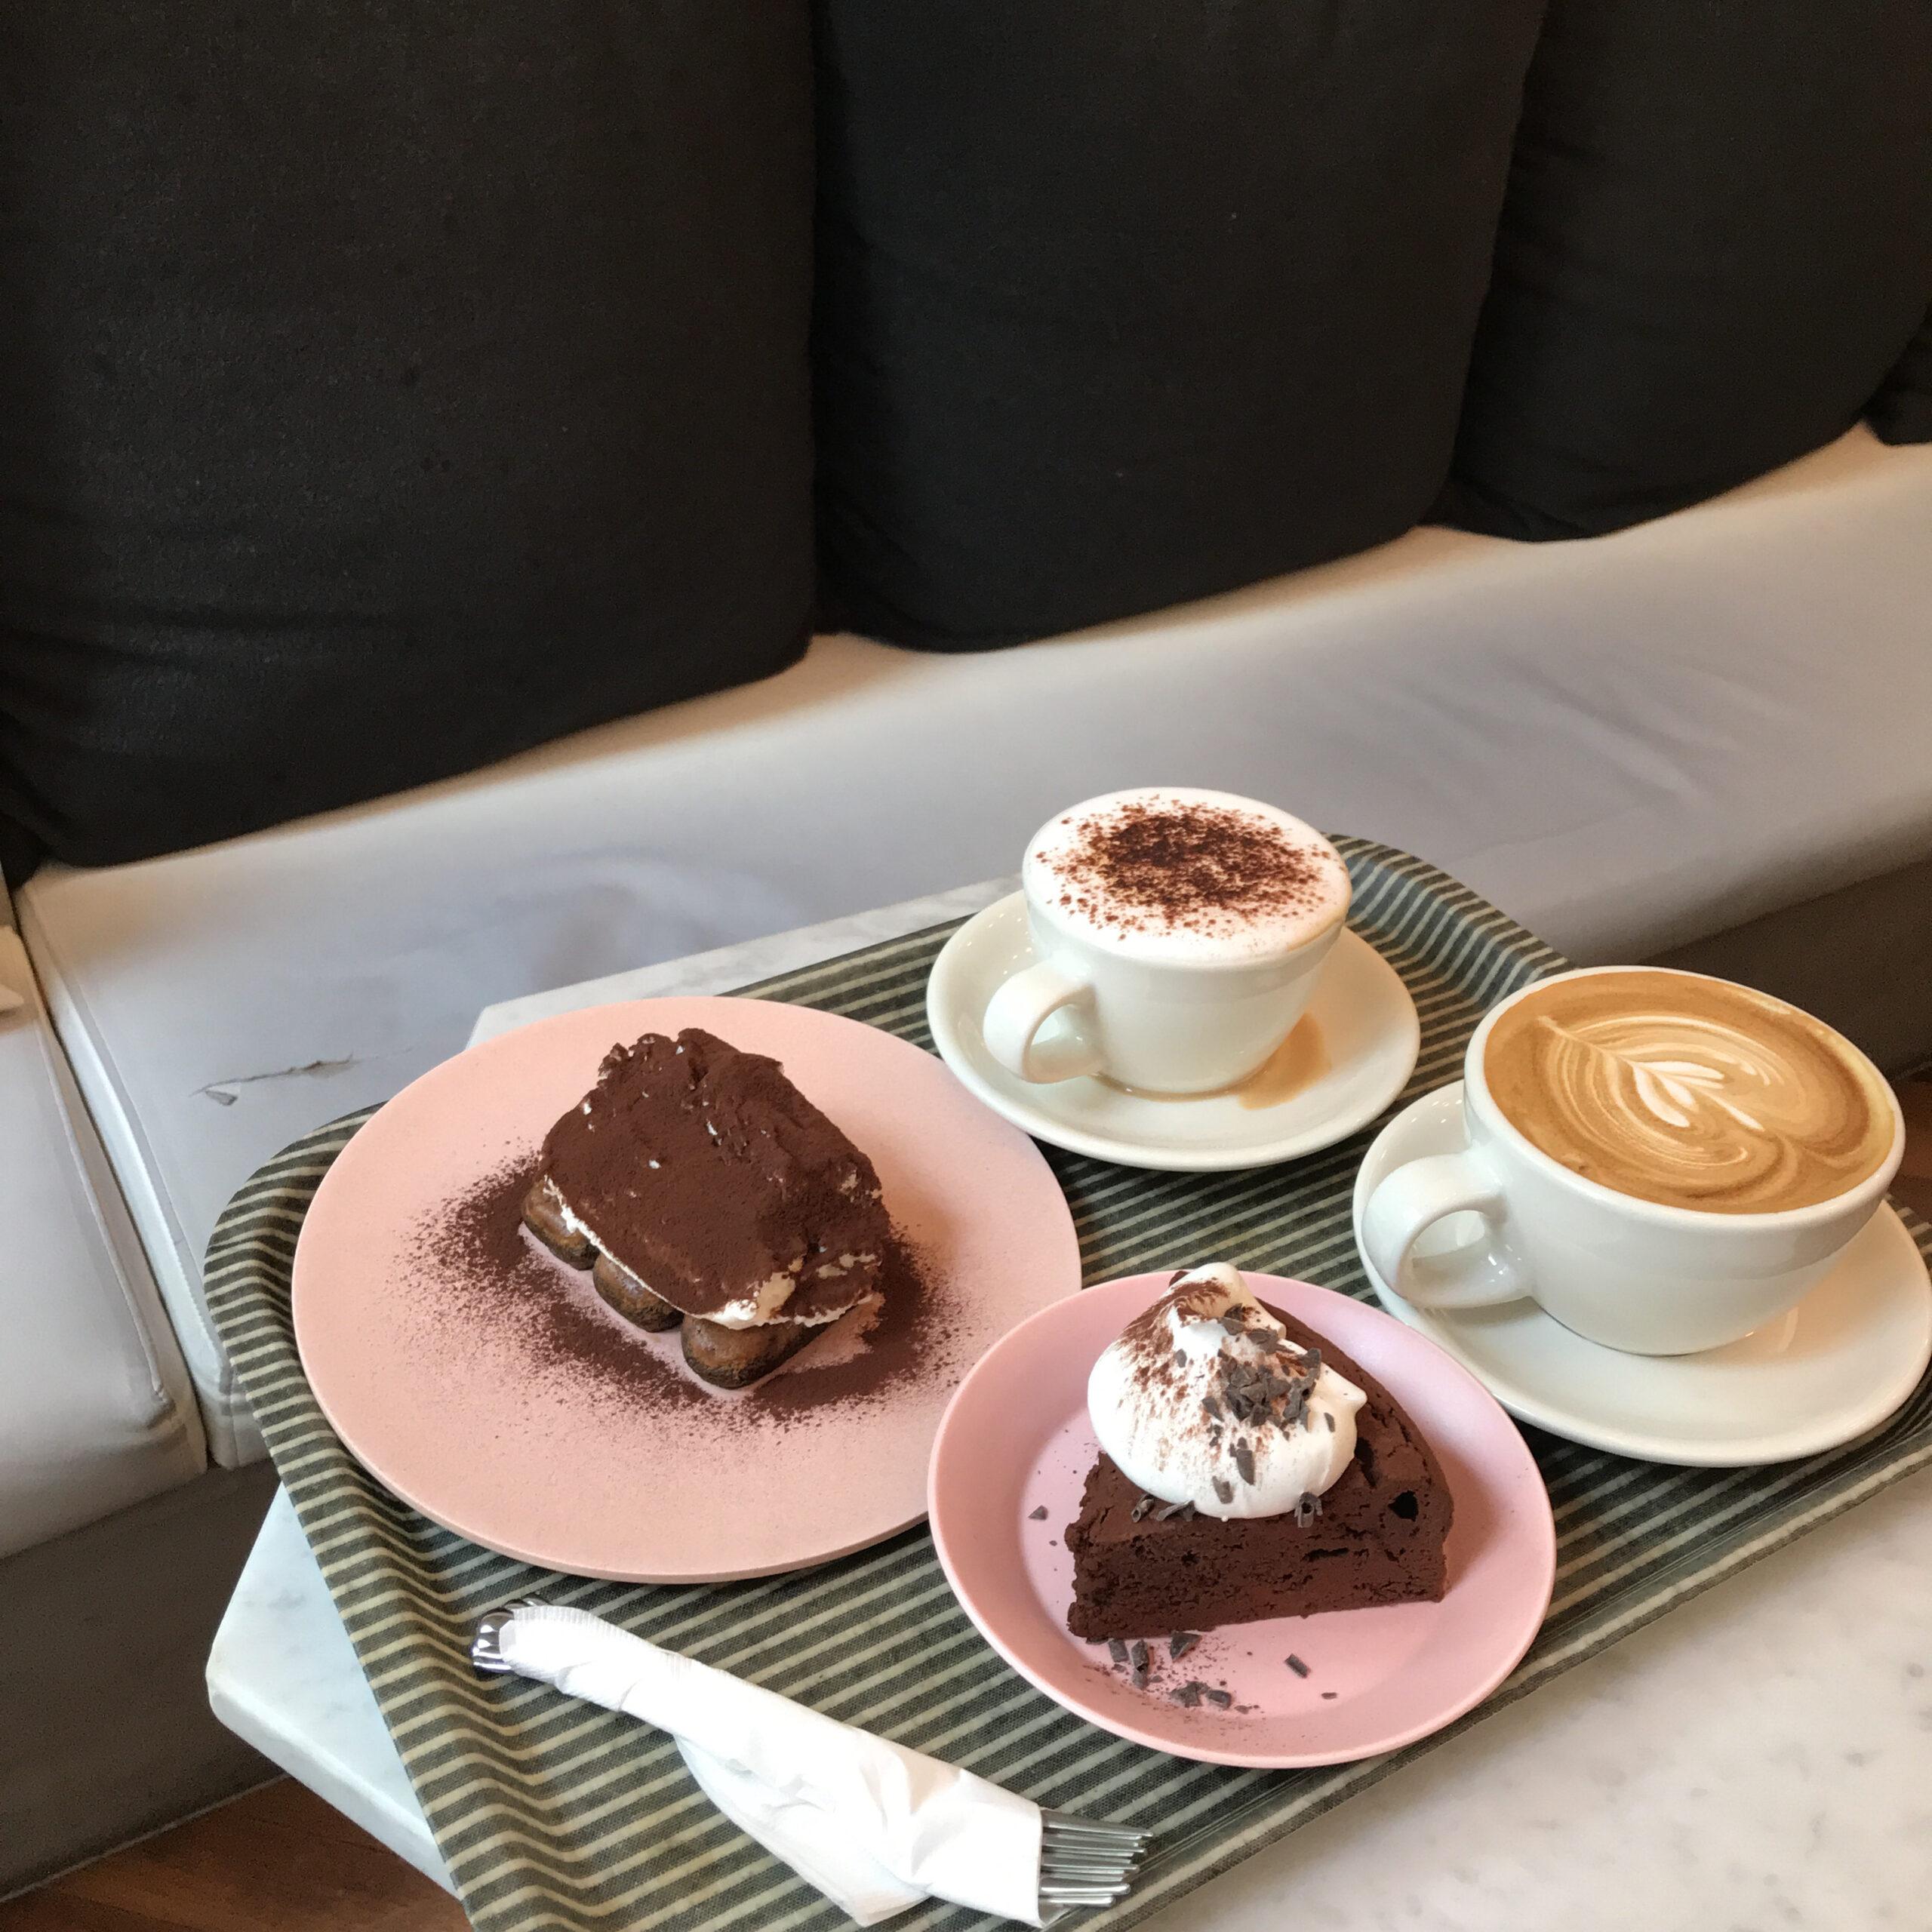 行きたいカフェは都心だけ?